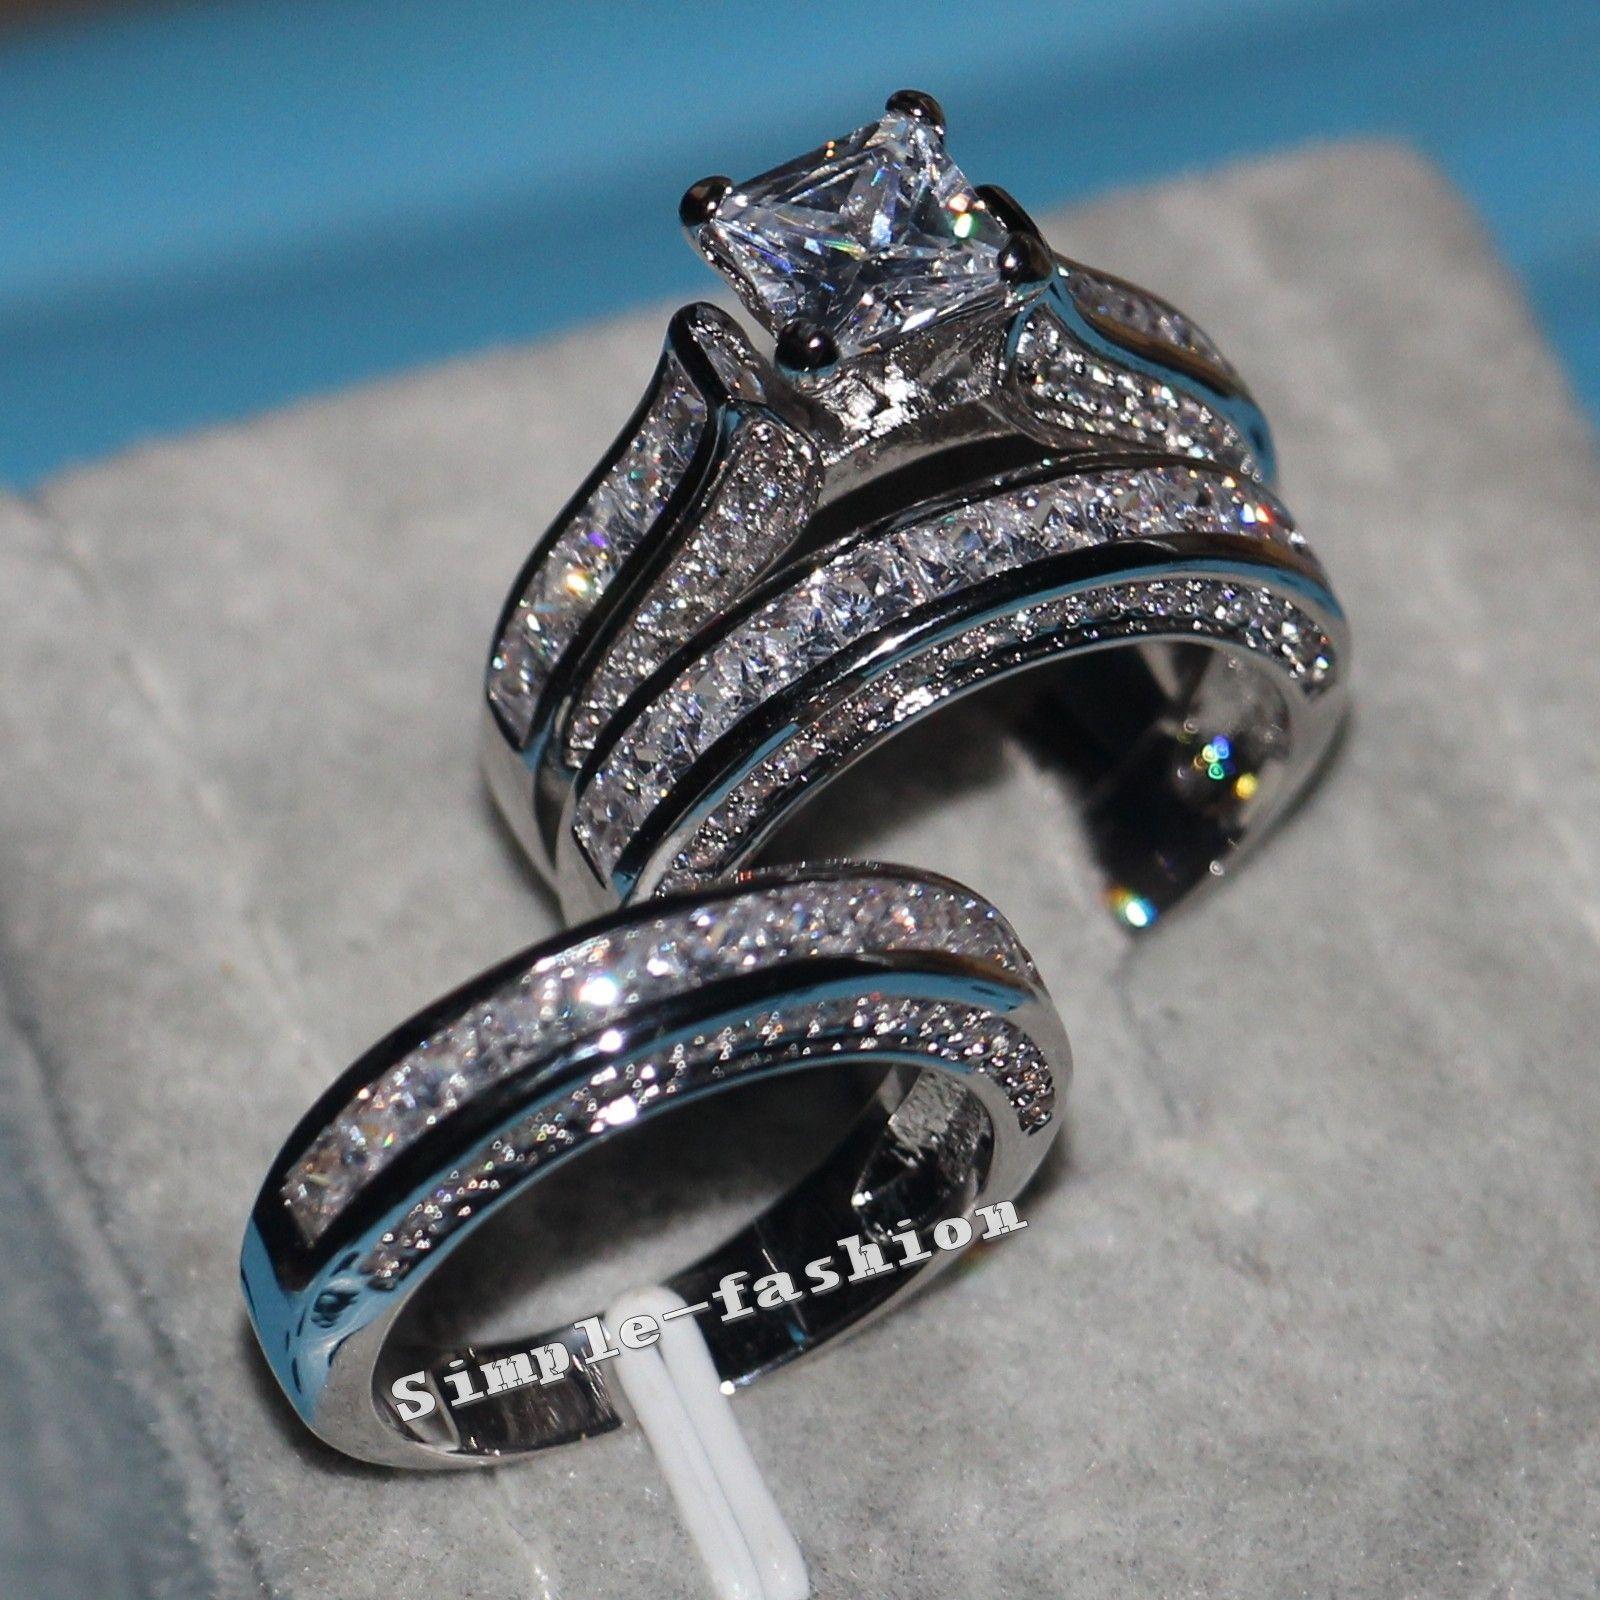 Vecalon غرامة مجوهرات الأميرة قص 20ct تشيكوسلوفاكيا الماس الاشتباك خاتم الزواج مجموعة للنساء 14kt الذهب الأبيض معبأ البنصر